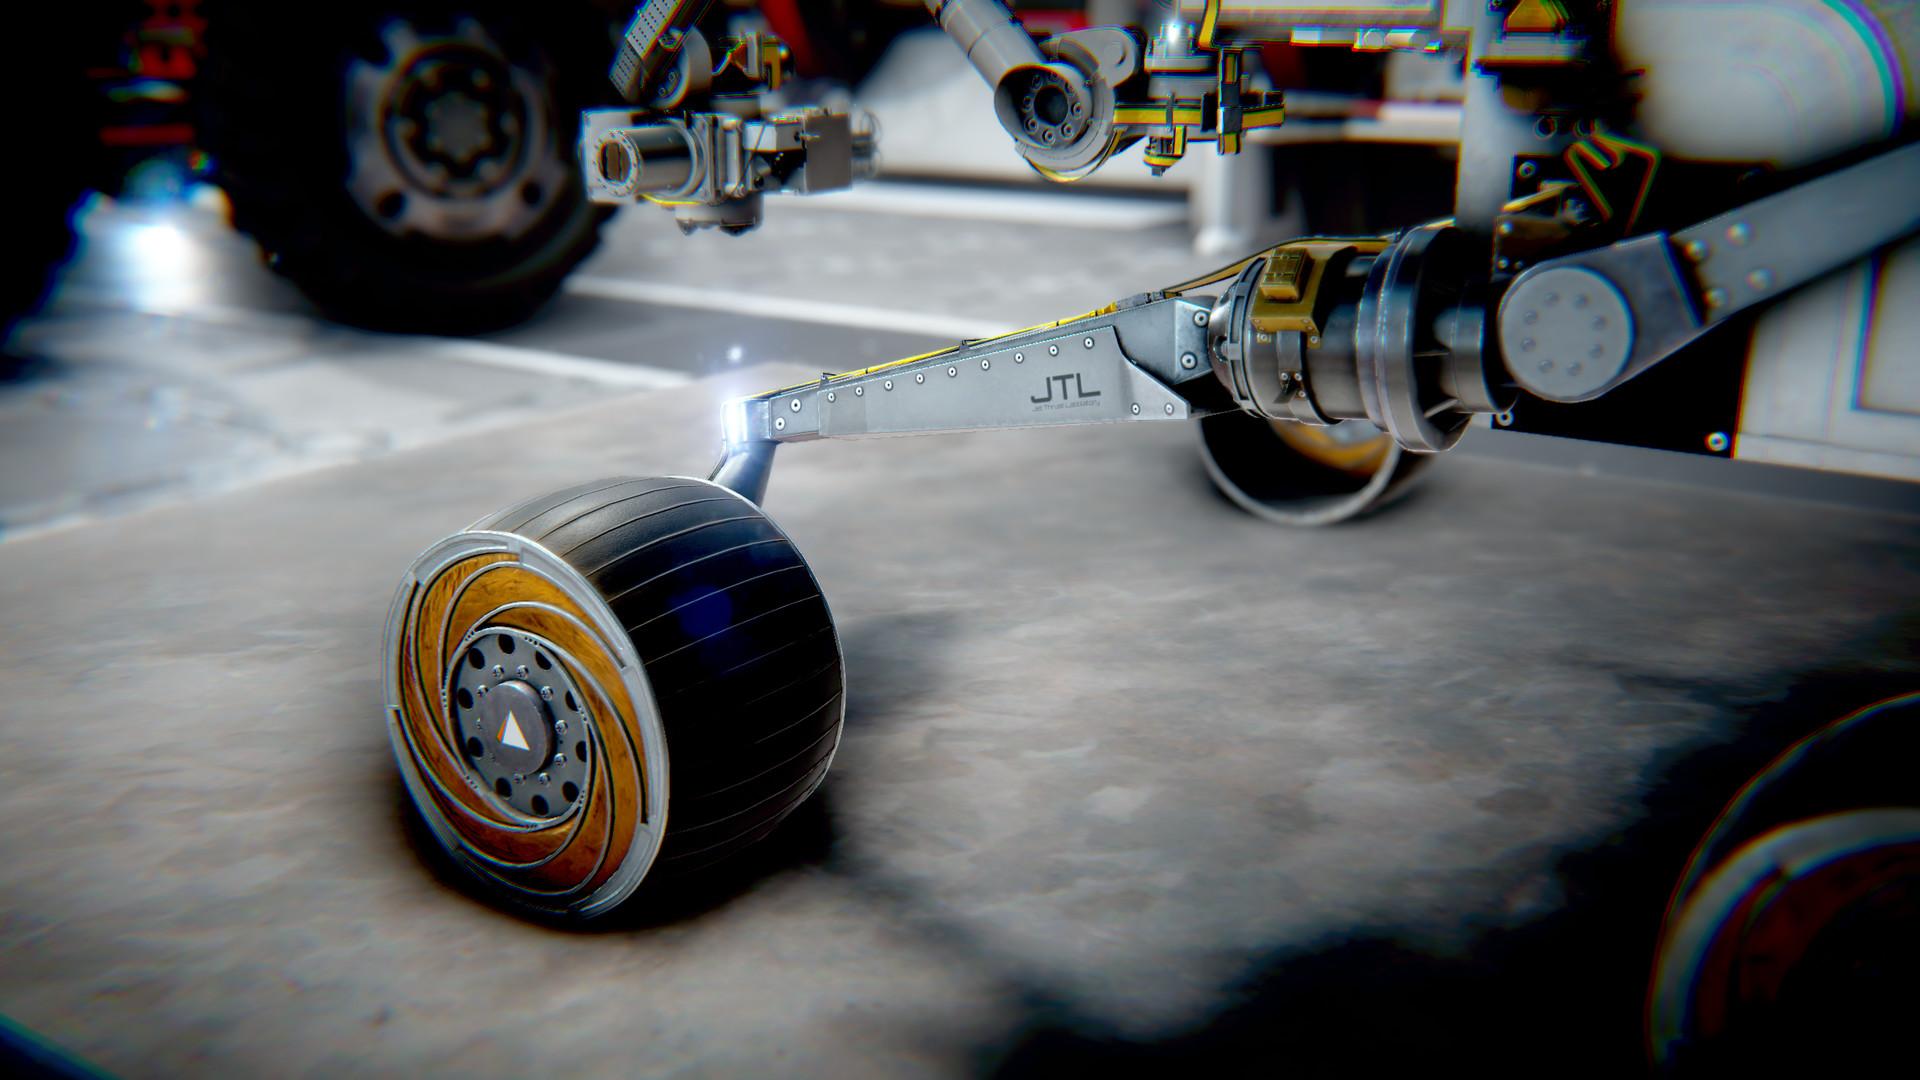 rover-mechanic-simulator-pc-screenshot-02